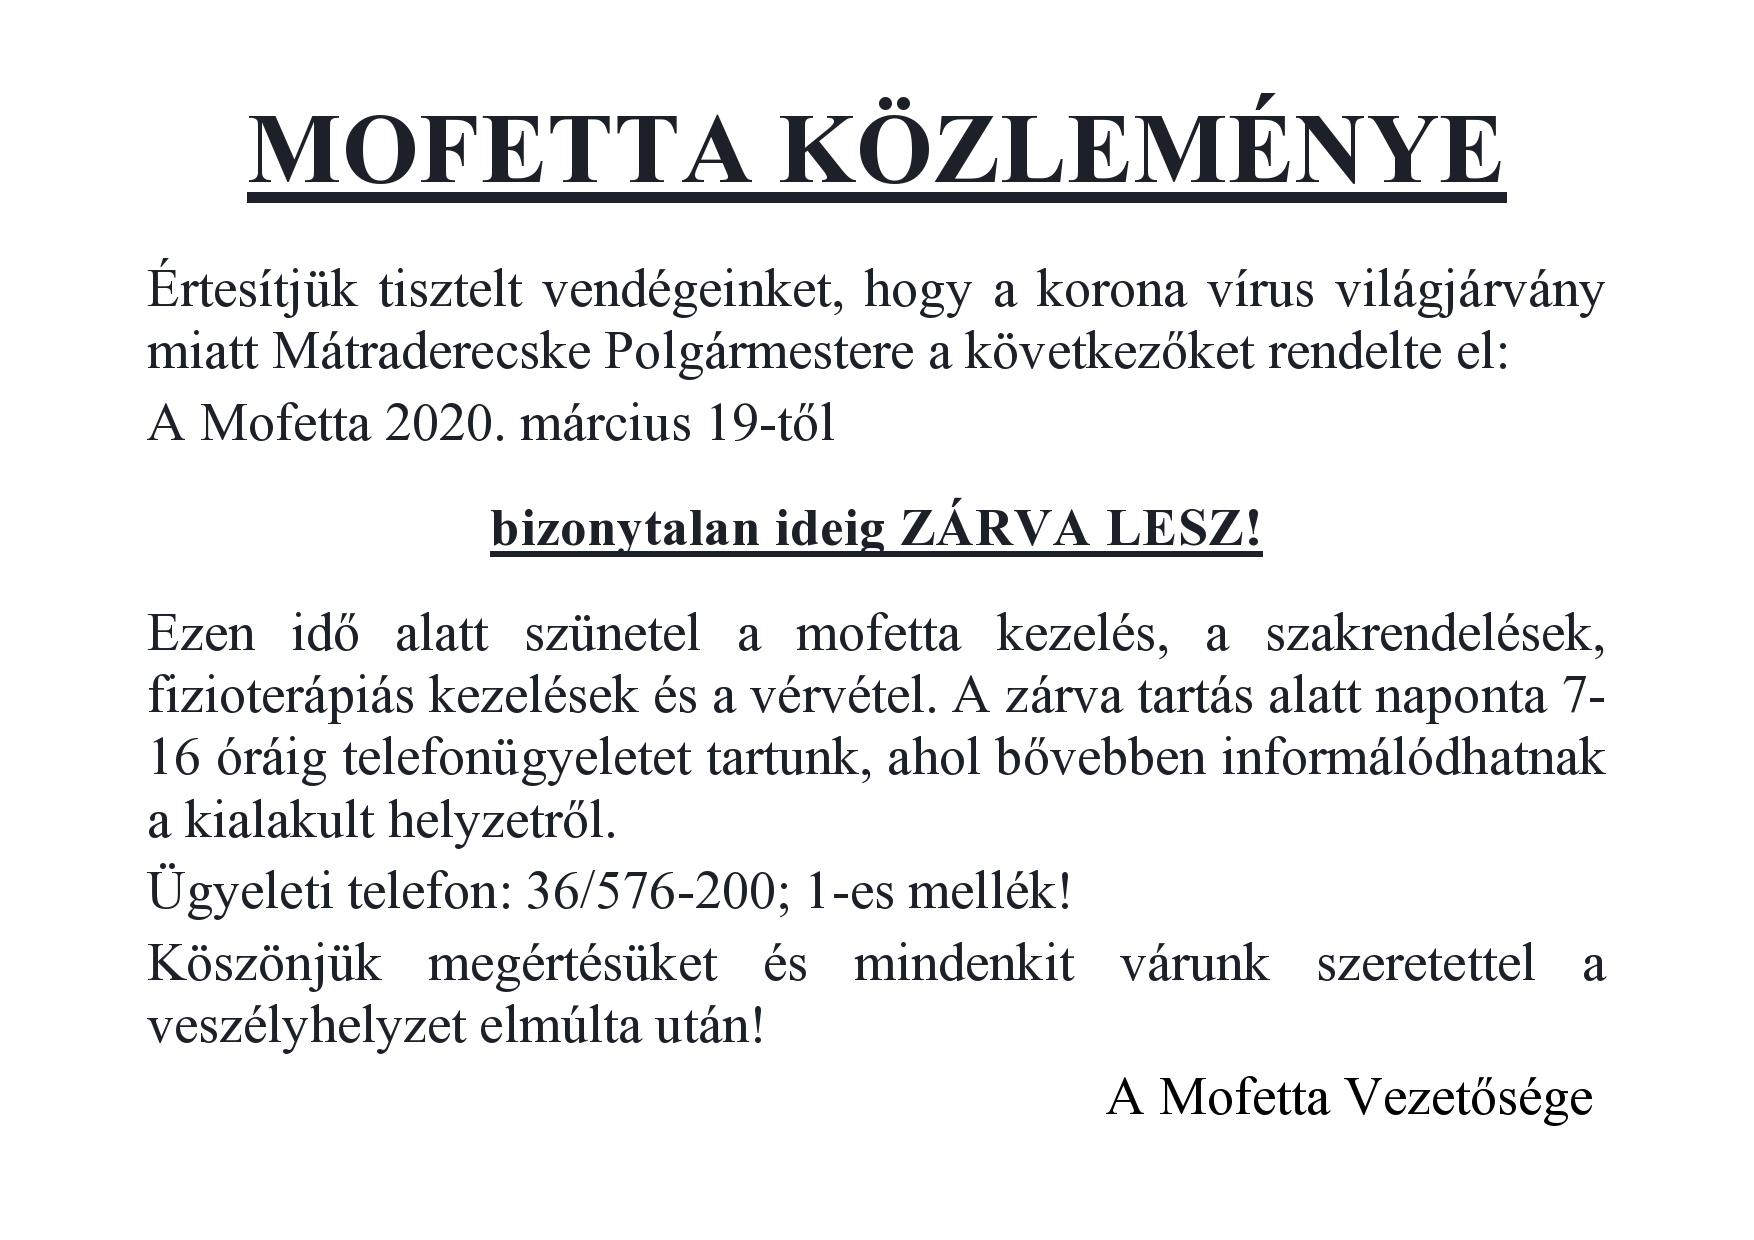 Értesítés a Mofetta bezárásáról